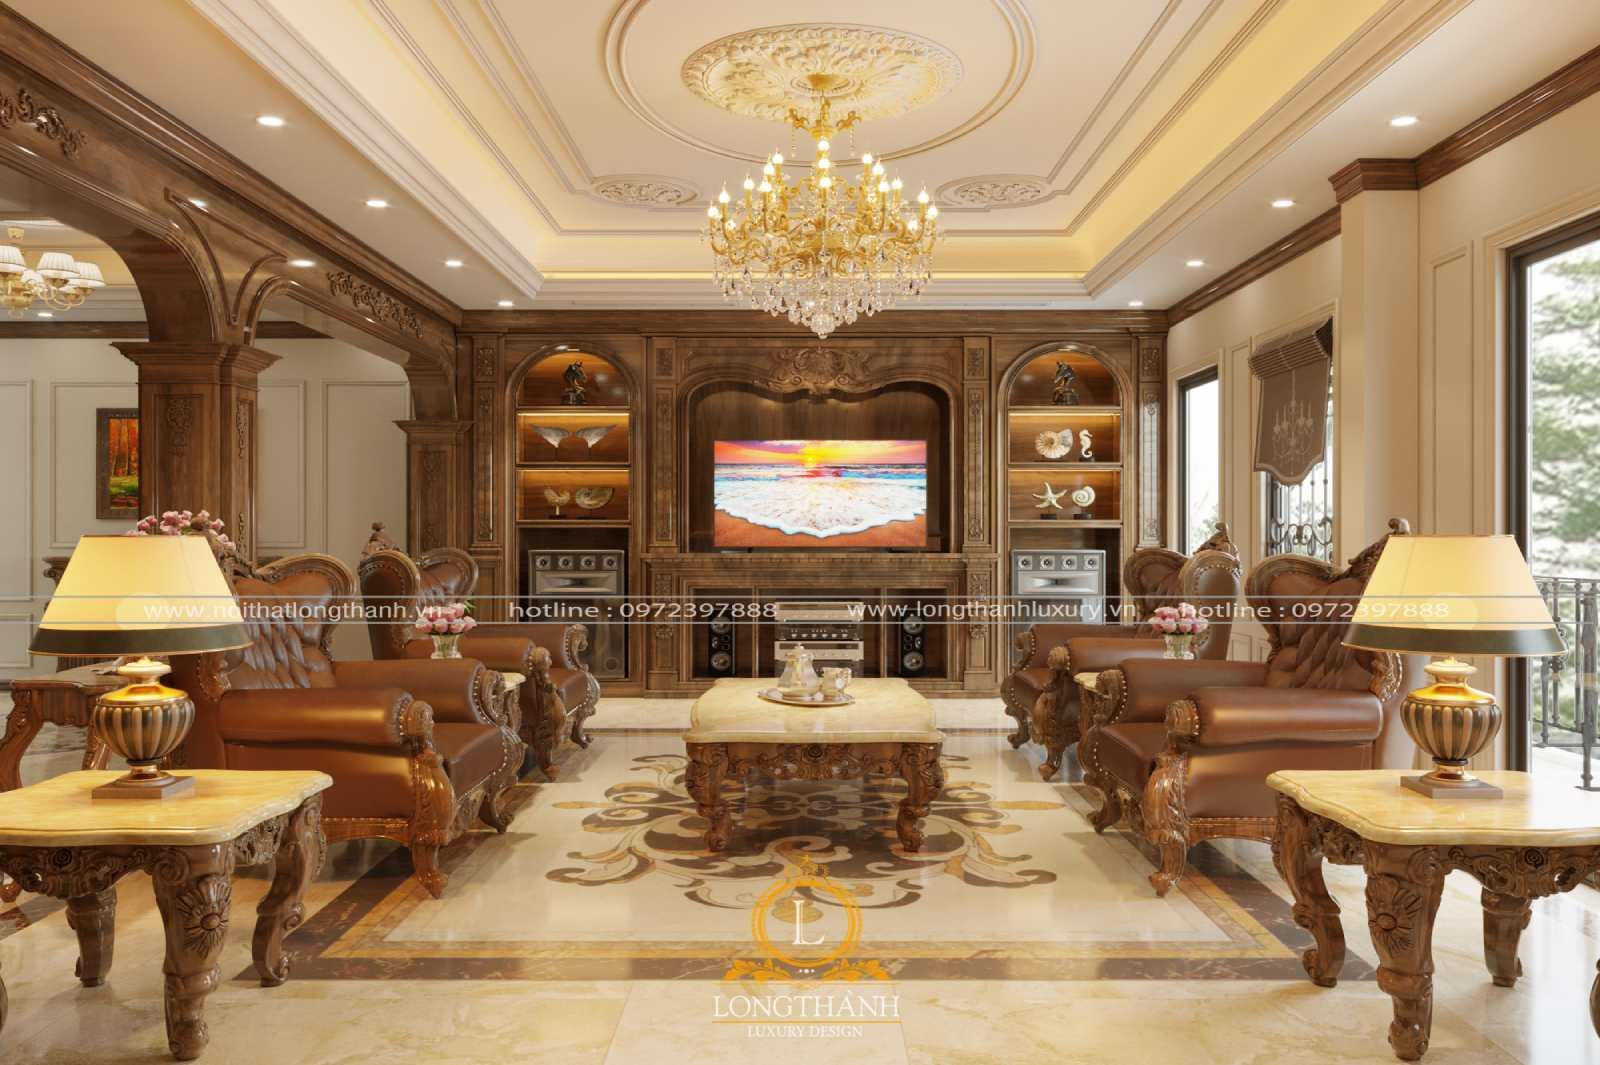 Sofa văng ngắn đơn giản cho phòng khách tân cổ điển